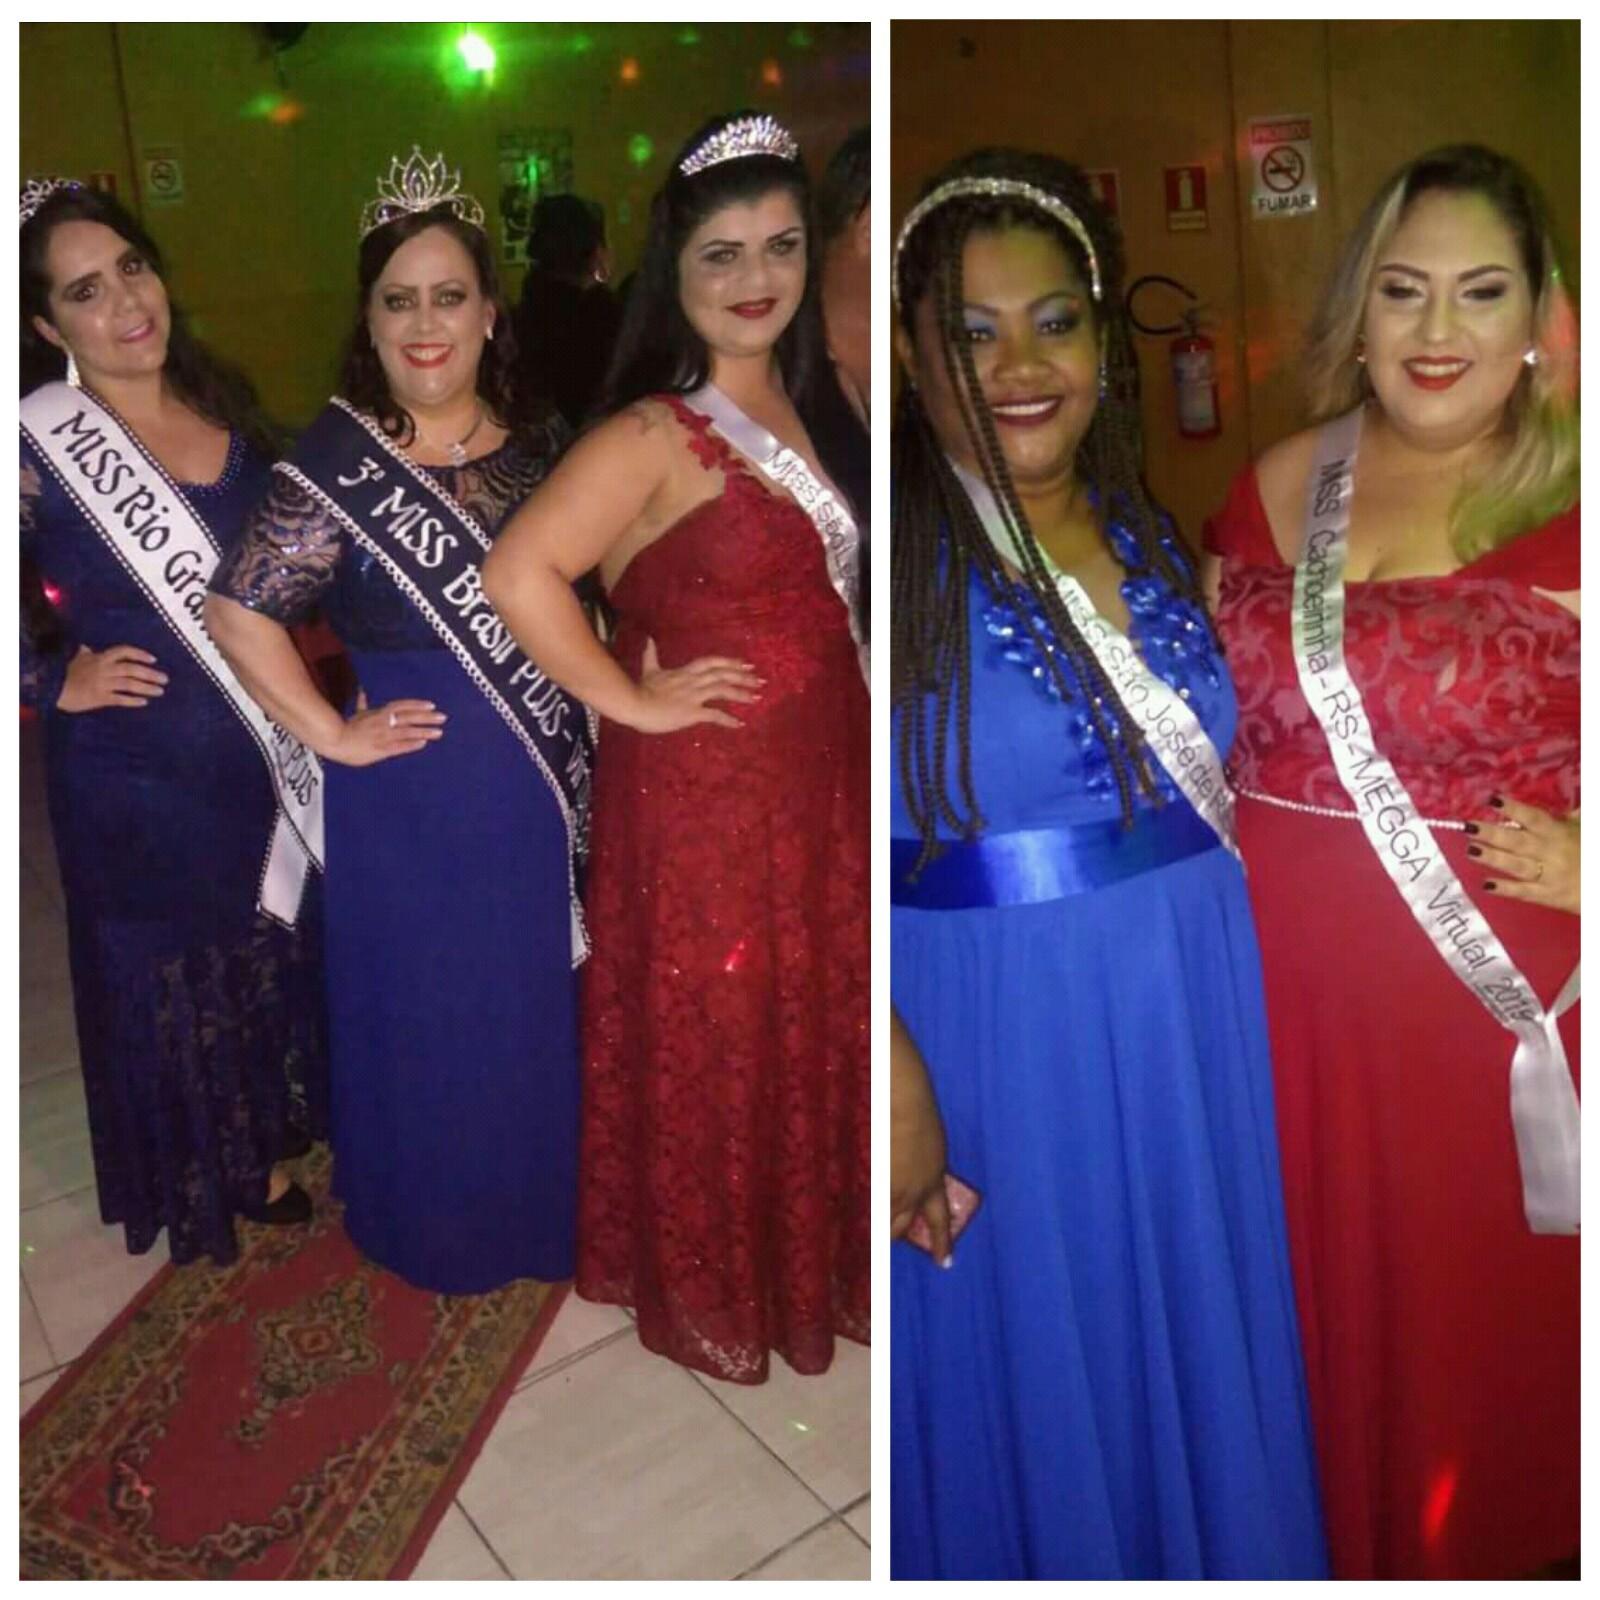 Primeiro Baile de Misses Plus Size aconteceu em Canoas (RS), ganhando destaque no segmento